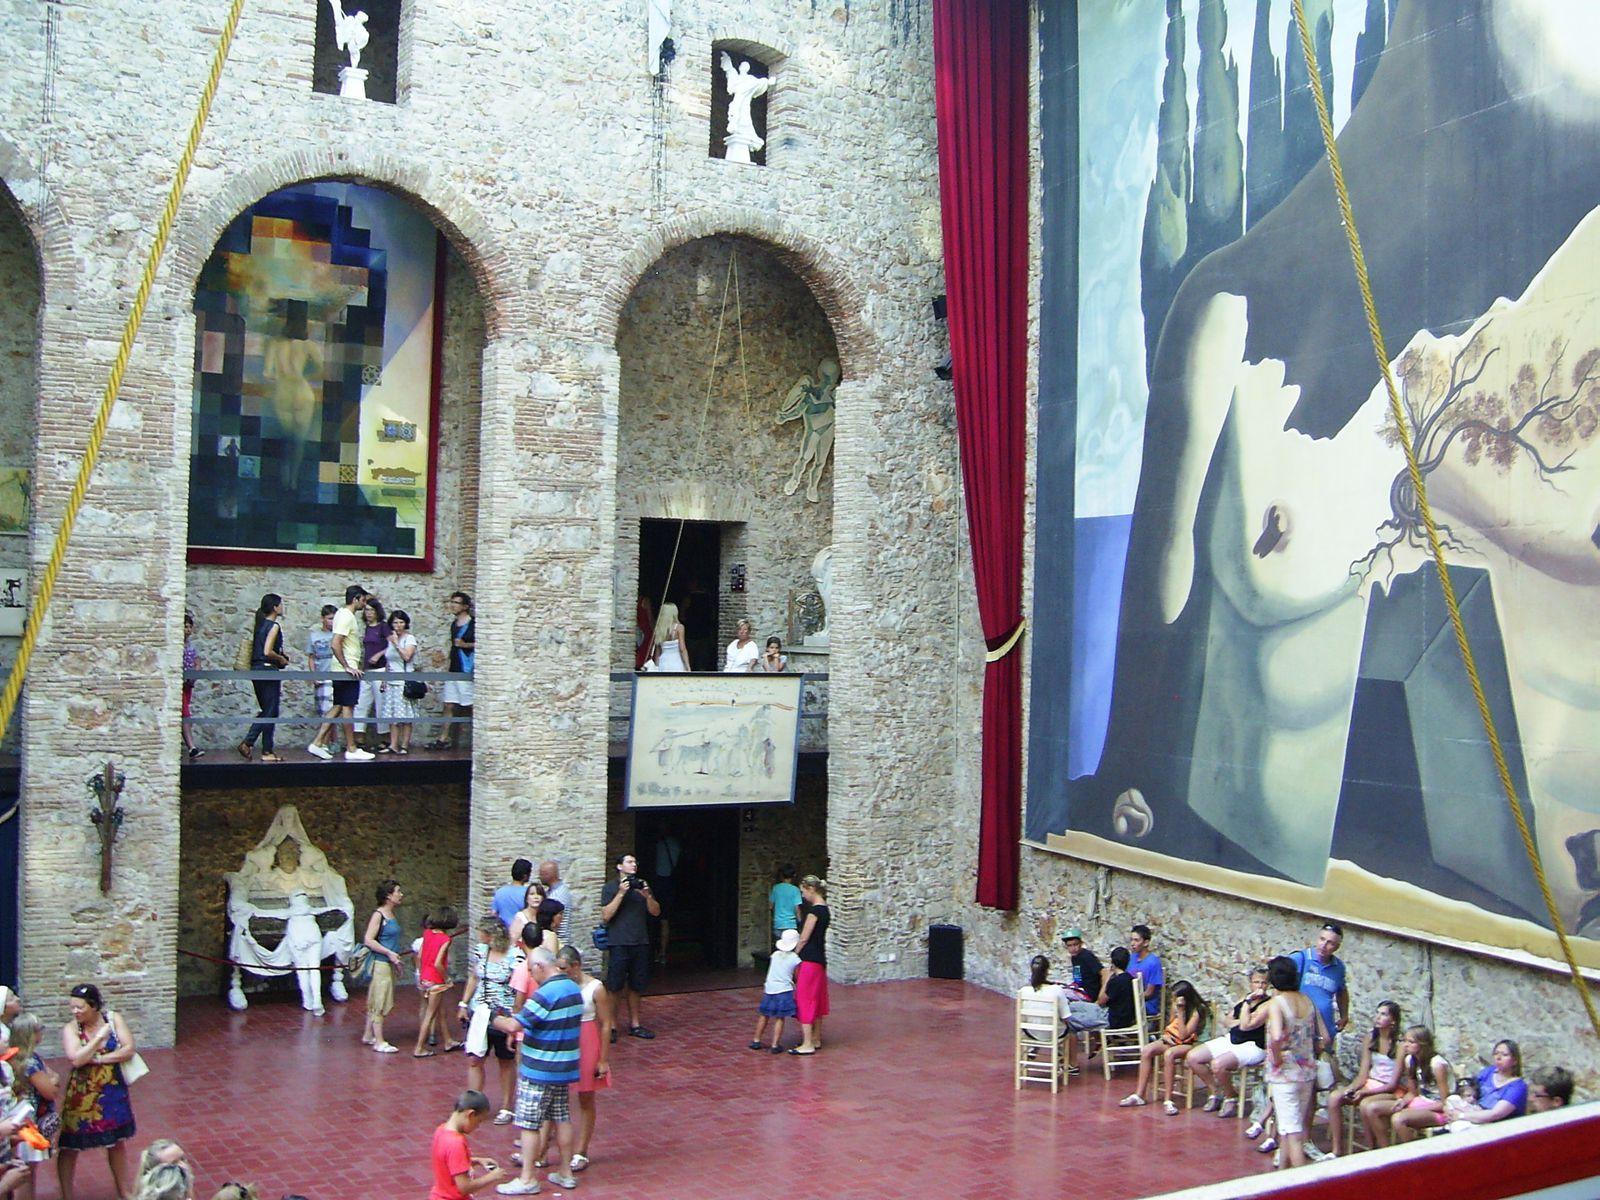 Vacances 2013 (2.Théâtre-Musée Dali de Figueres)